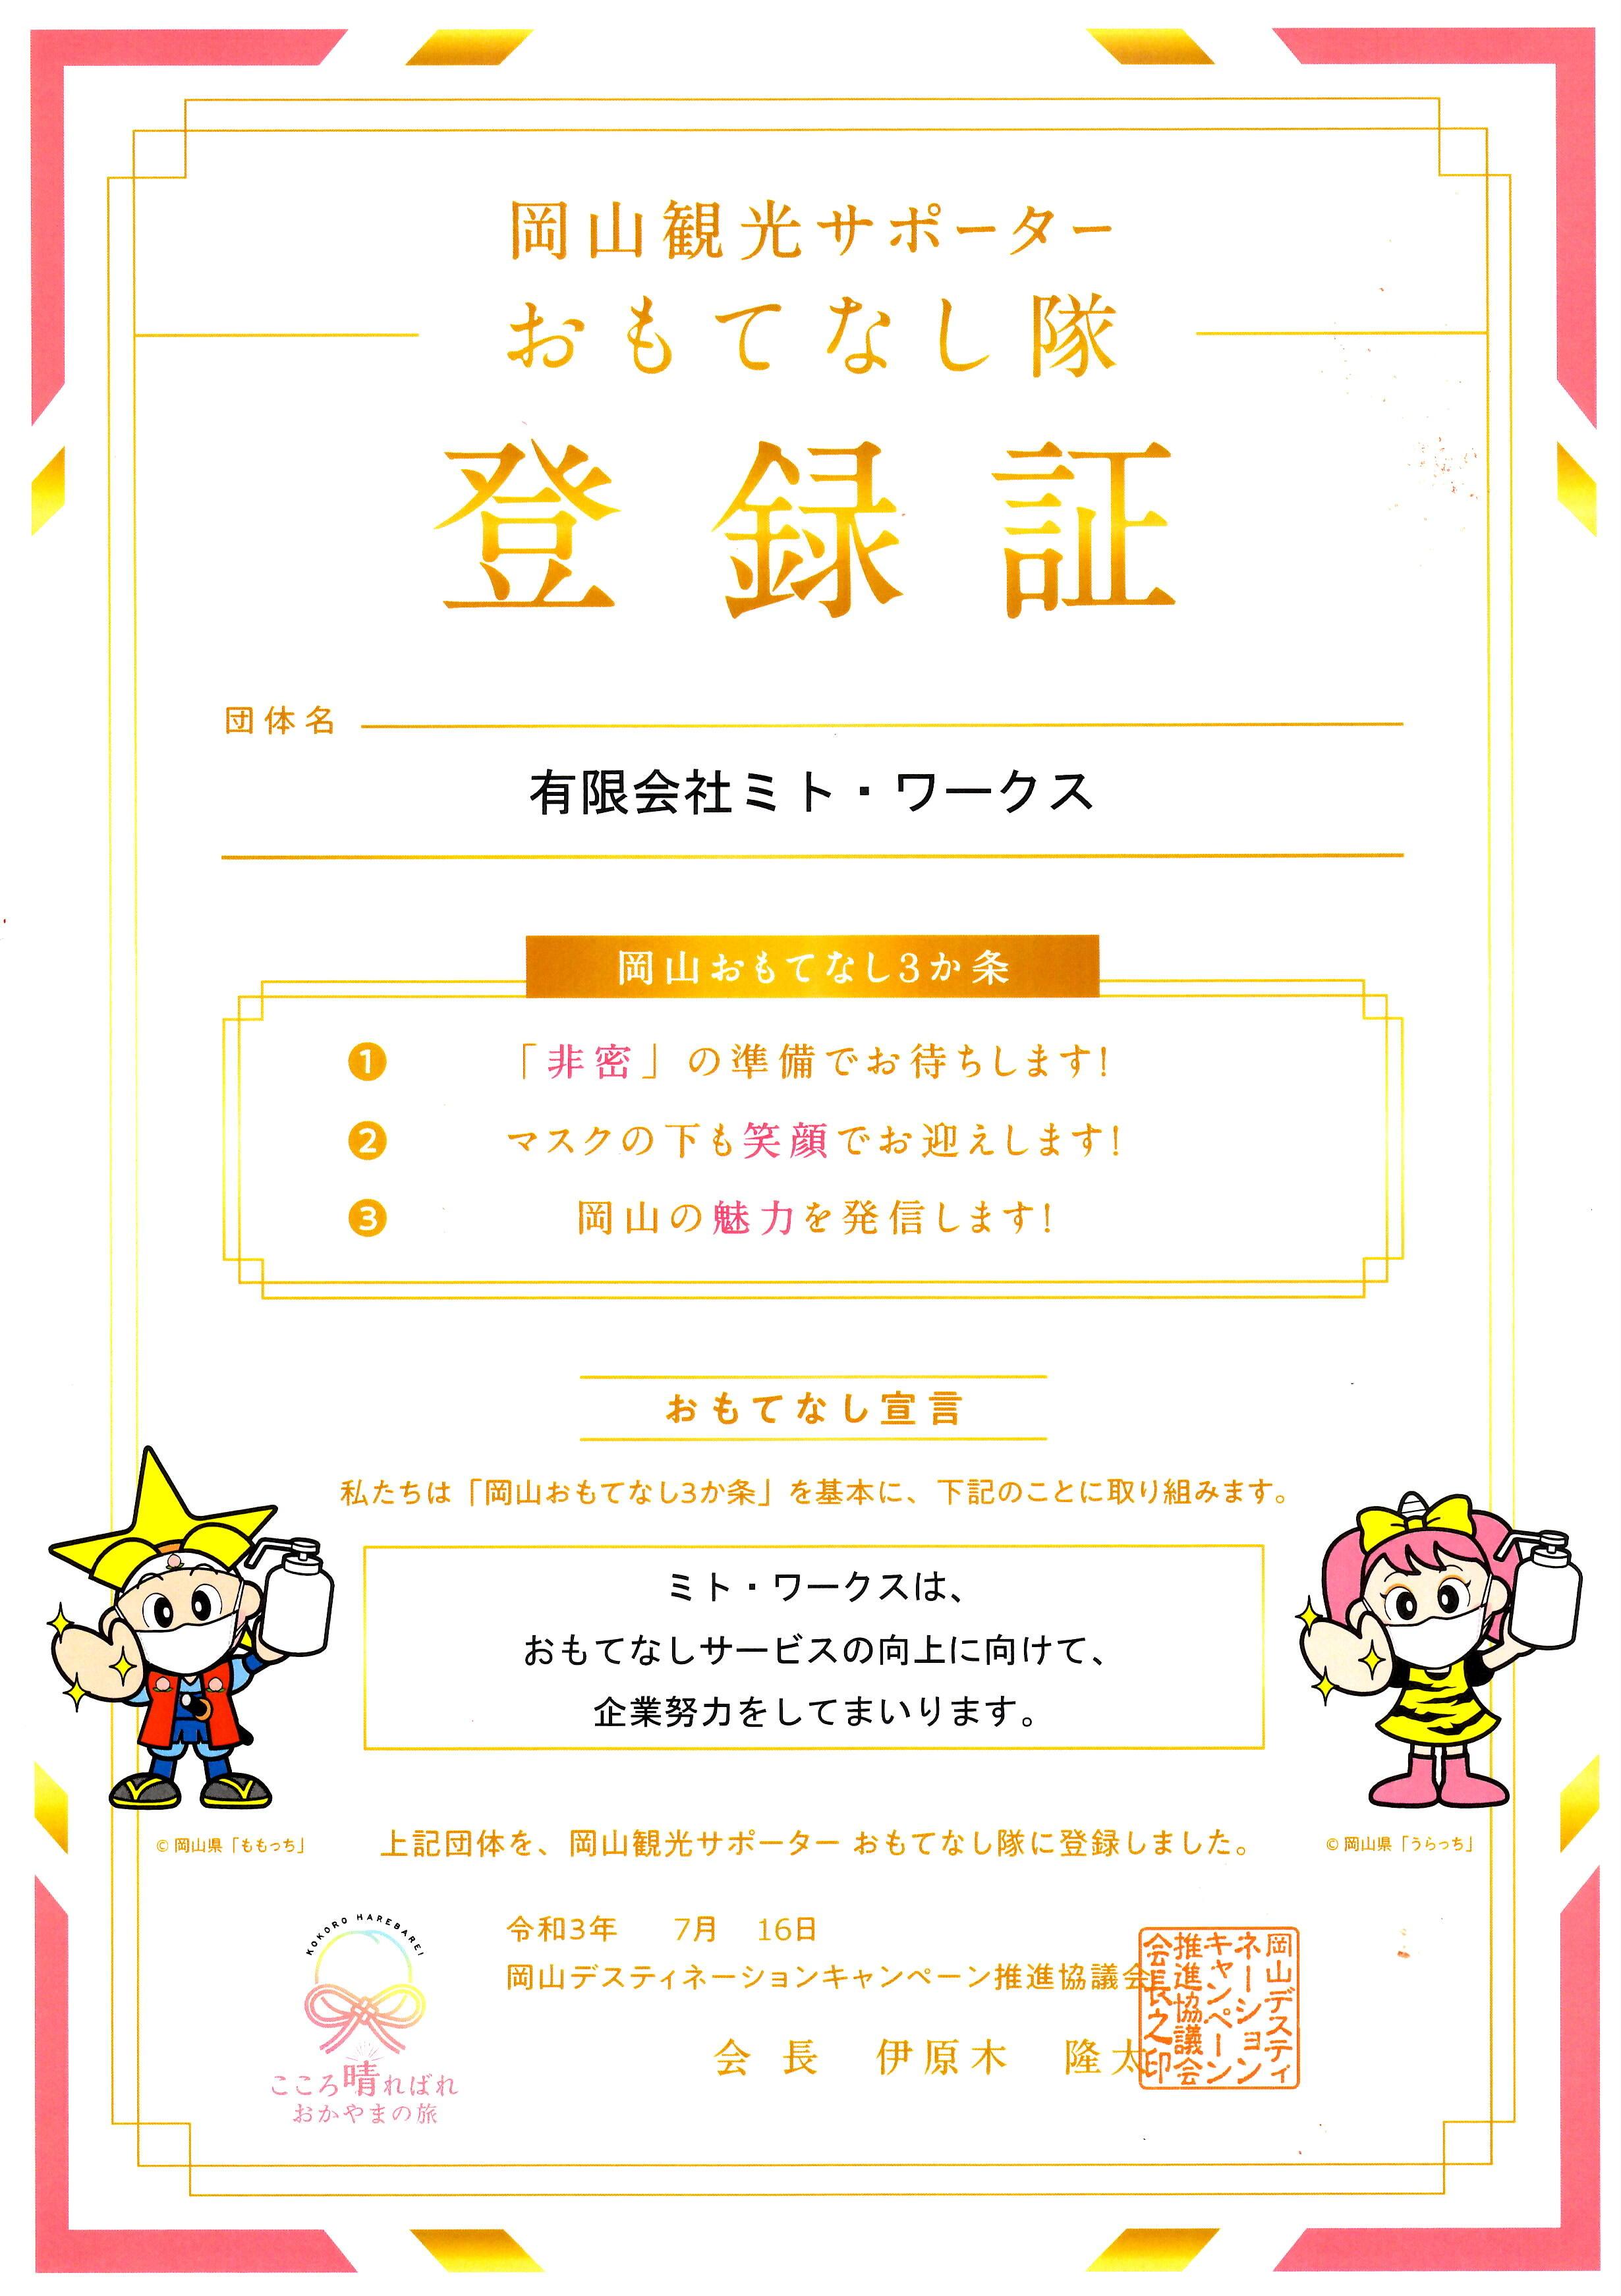 岡山観光サポーターのおもてなし隊に登録して頂きました!